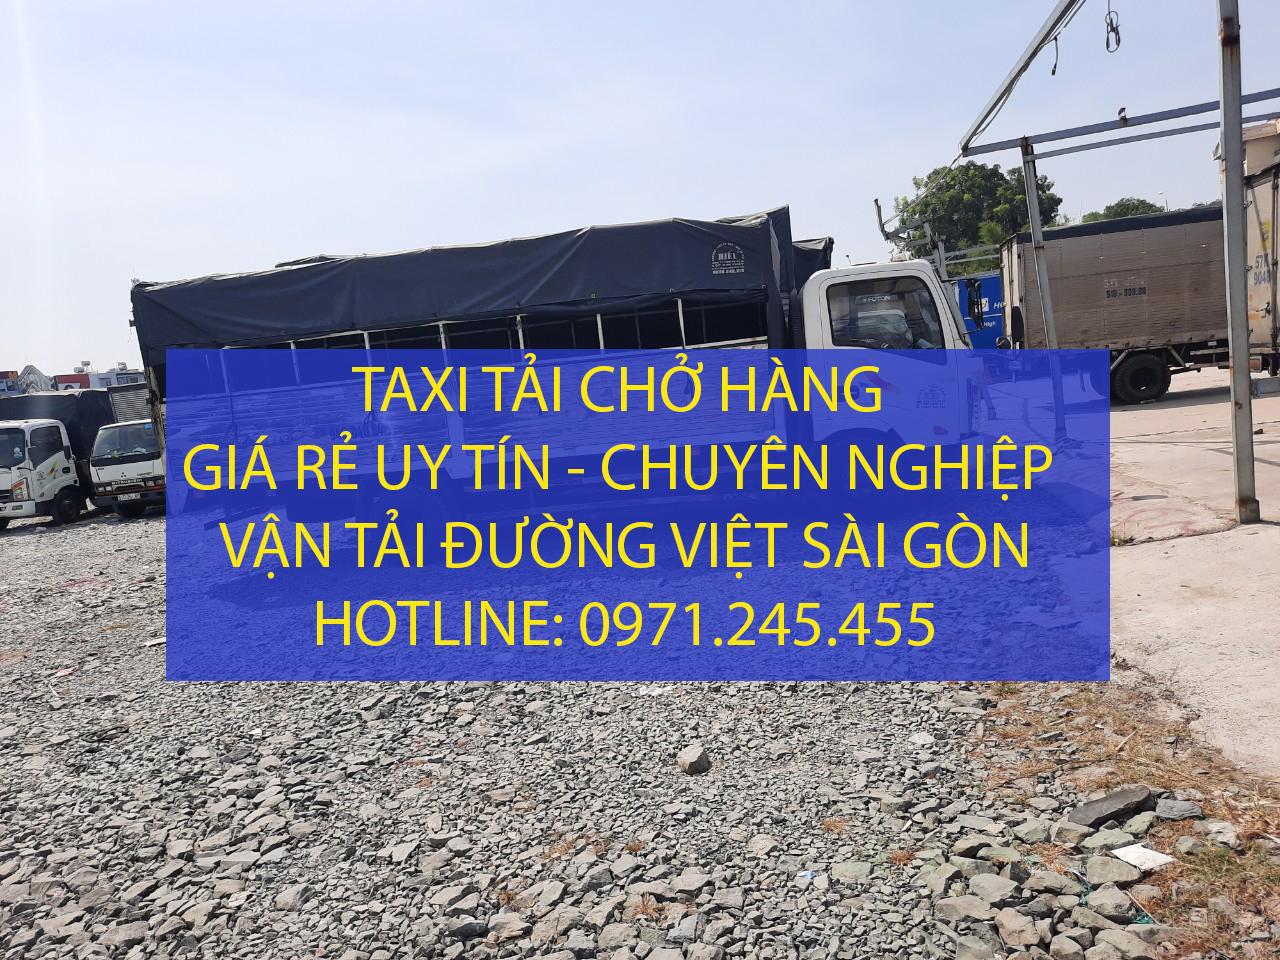 Cho thuê taxi tải giá rẻ - Thuê taxi tải 24/24 – vận tải Đường Việt Sài Gòn